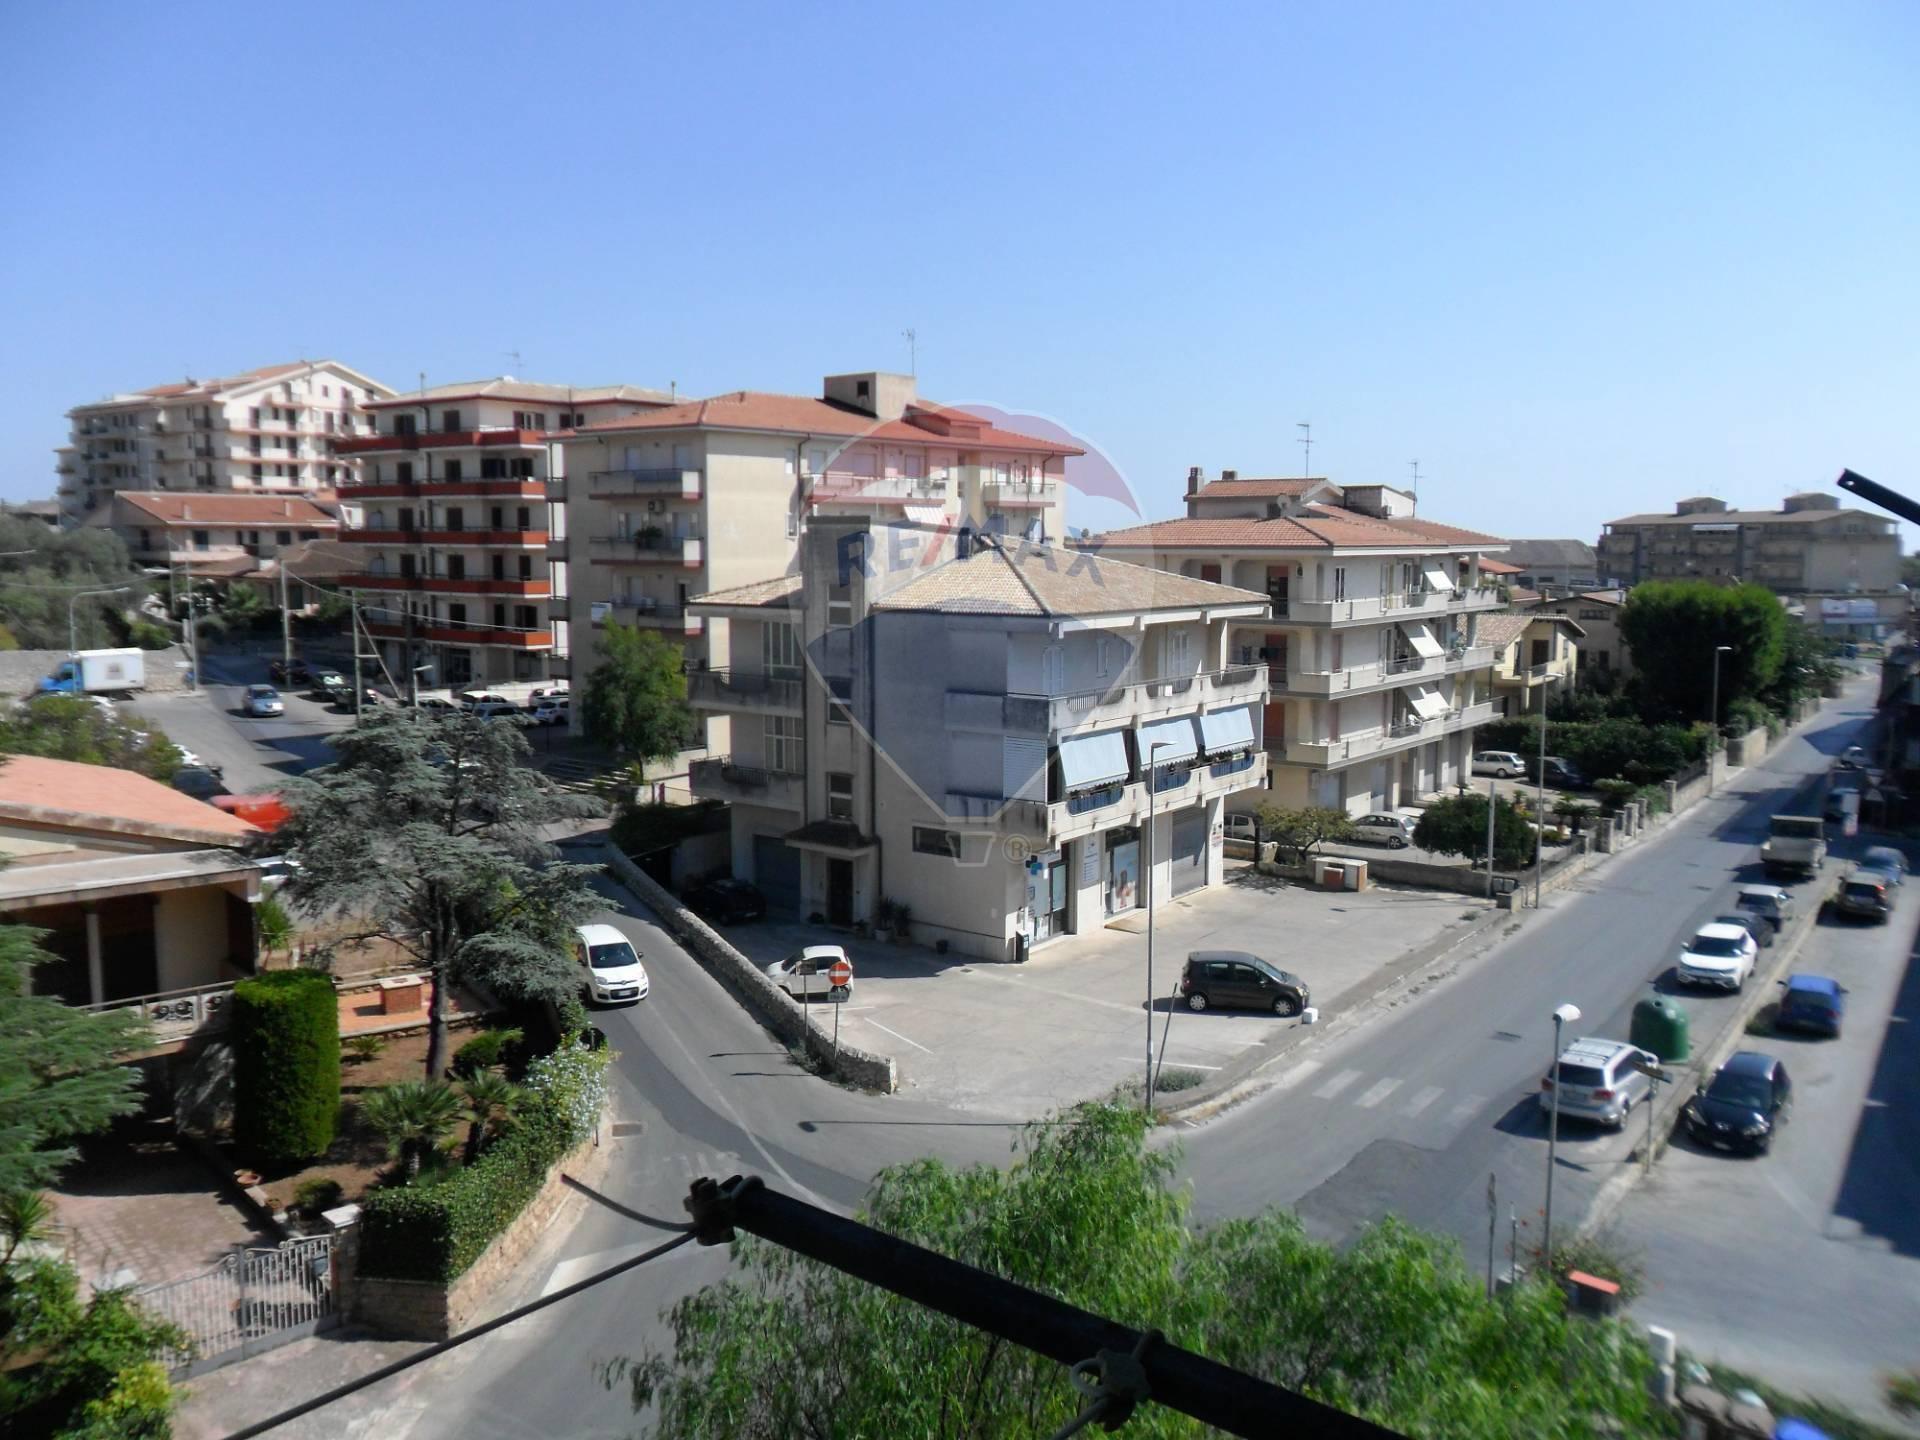 Appartamento in vendita a Modica, 8 locali, zona Località: ModicaSorda, prezzo € 95.000   CambioCasa.it